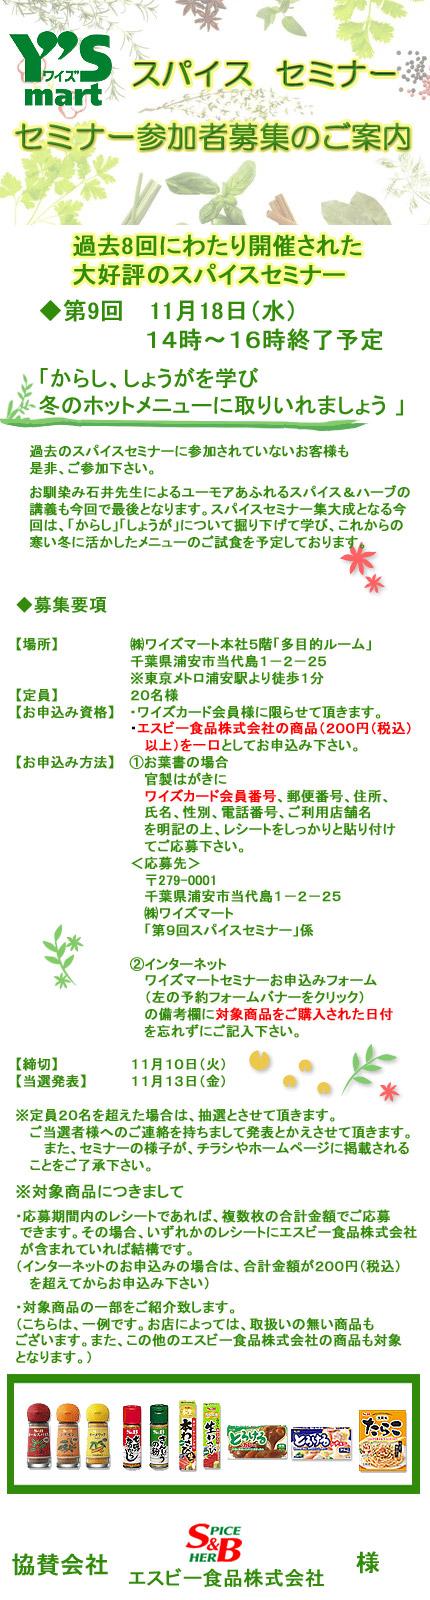 スパイスセミナー募集4.jpg